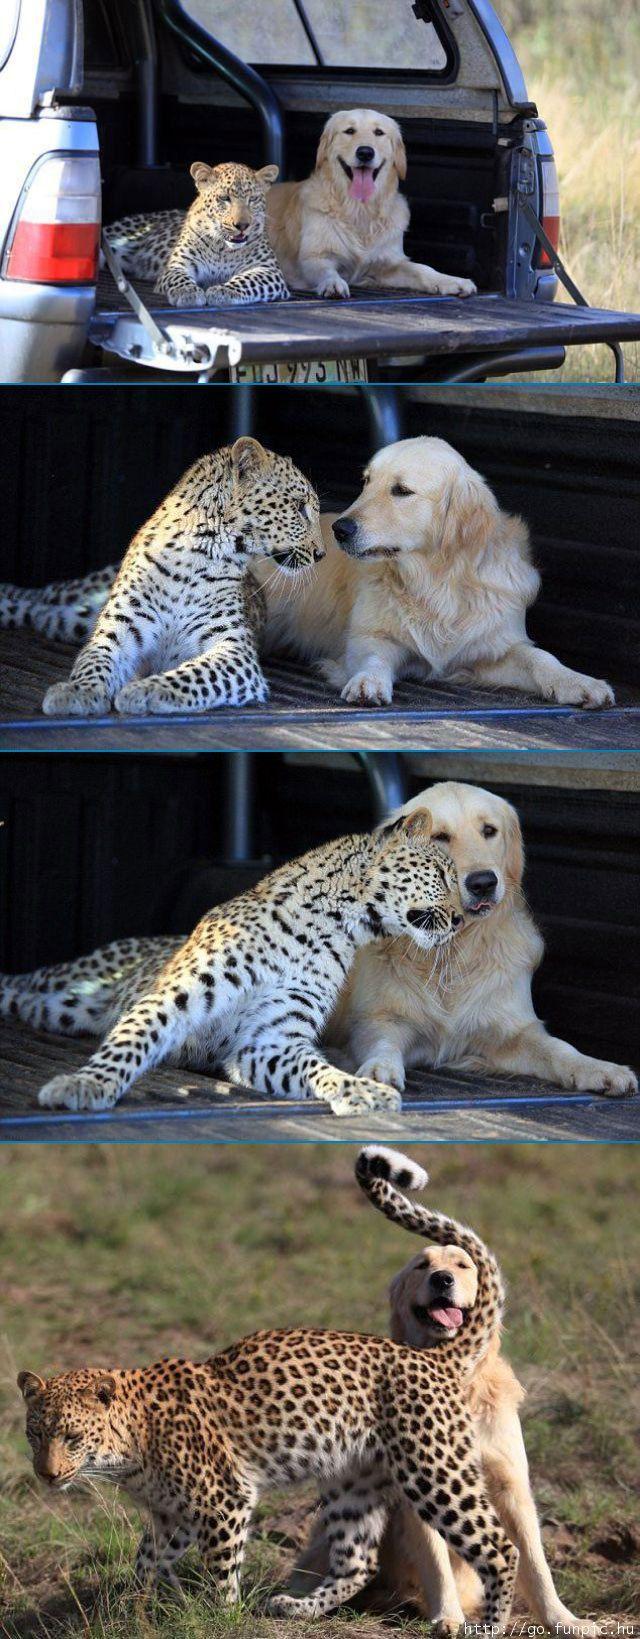 Awww, best friends